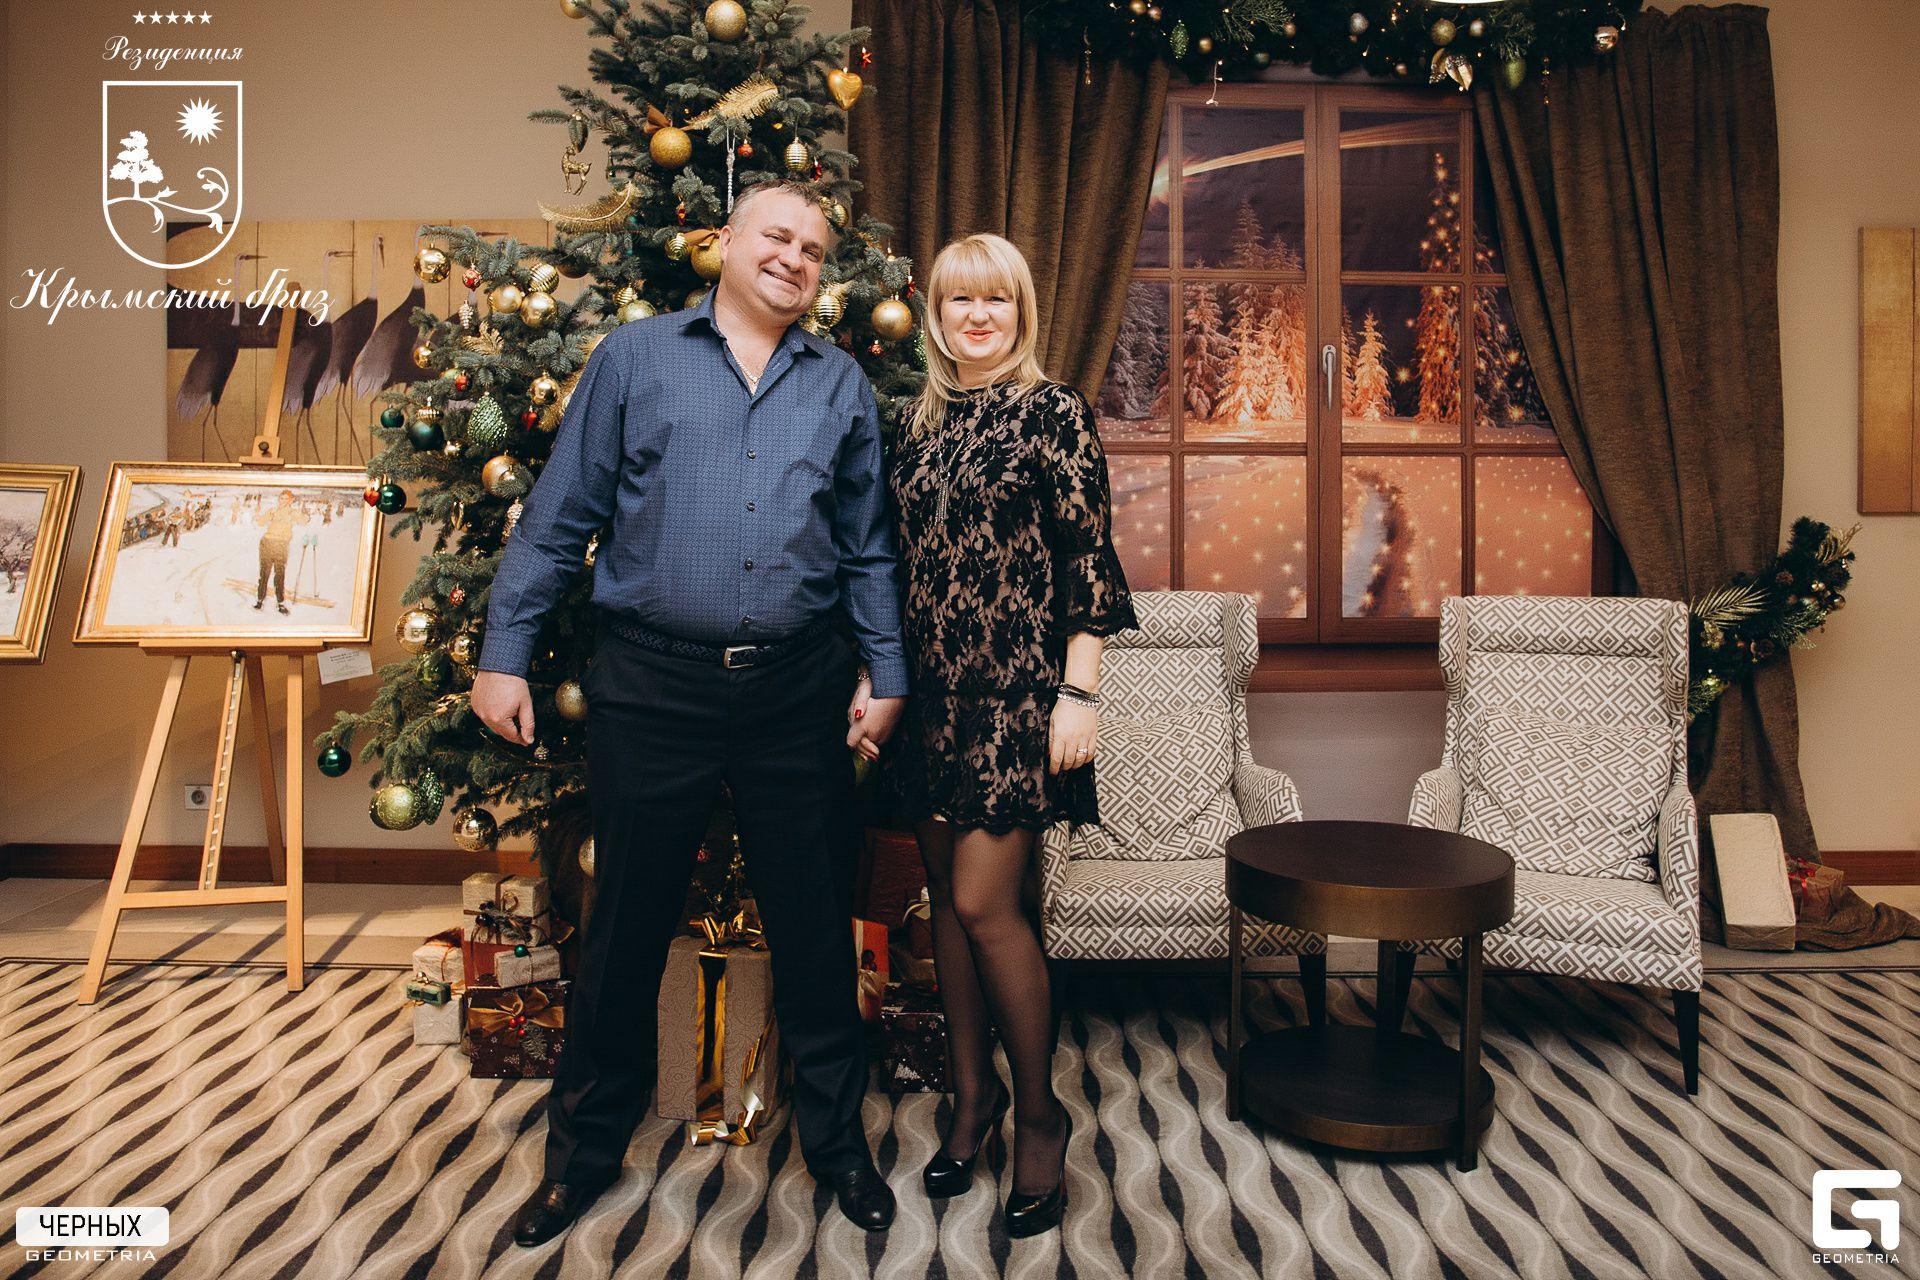 Новогодняя Ночь с ЛЕГЕНДОЙ МИРОВОГО ДЖАЗА - TOUCH&GO